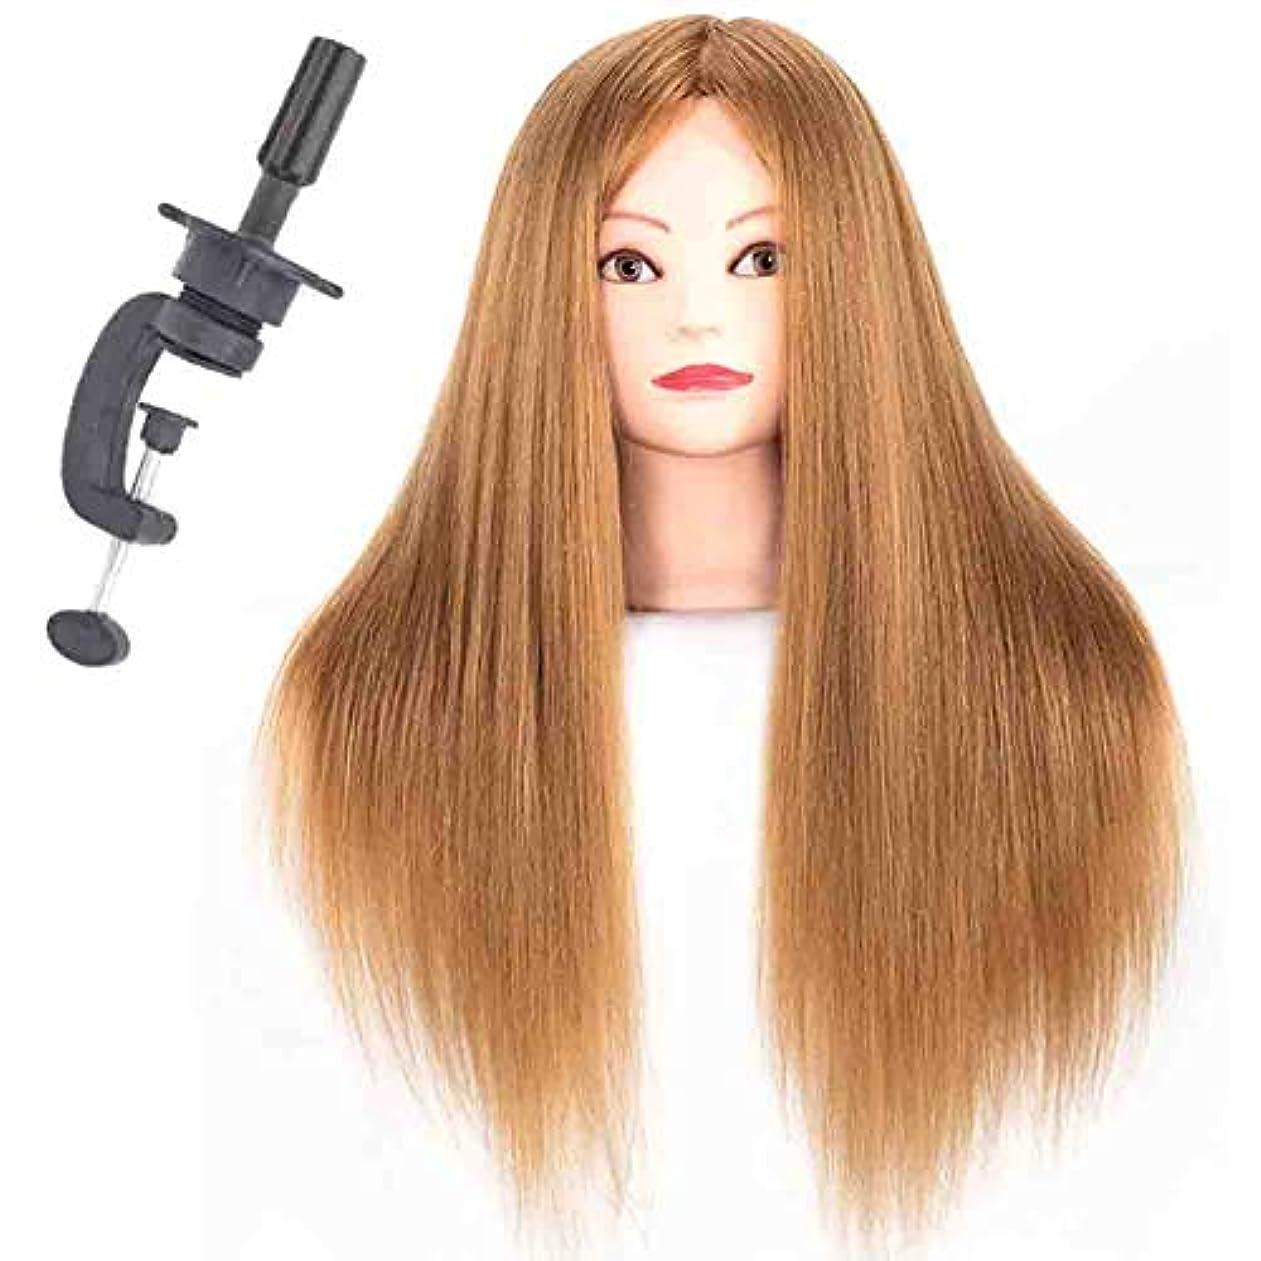 混乱浅い局85%ミックスリアルヘアトレーニングヘッド花嫁ヘア三つ編みヘアサロンヘアカットカーリングロッド形状モデルダミーヘッド